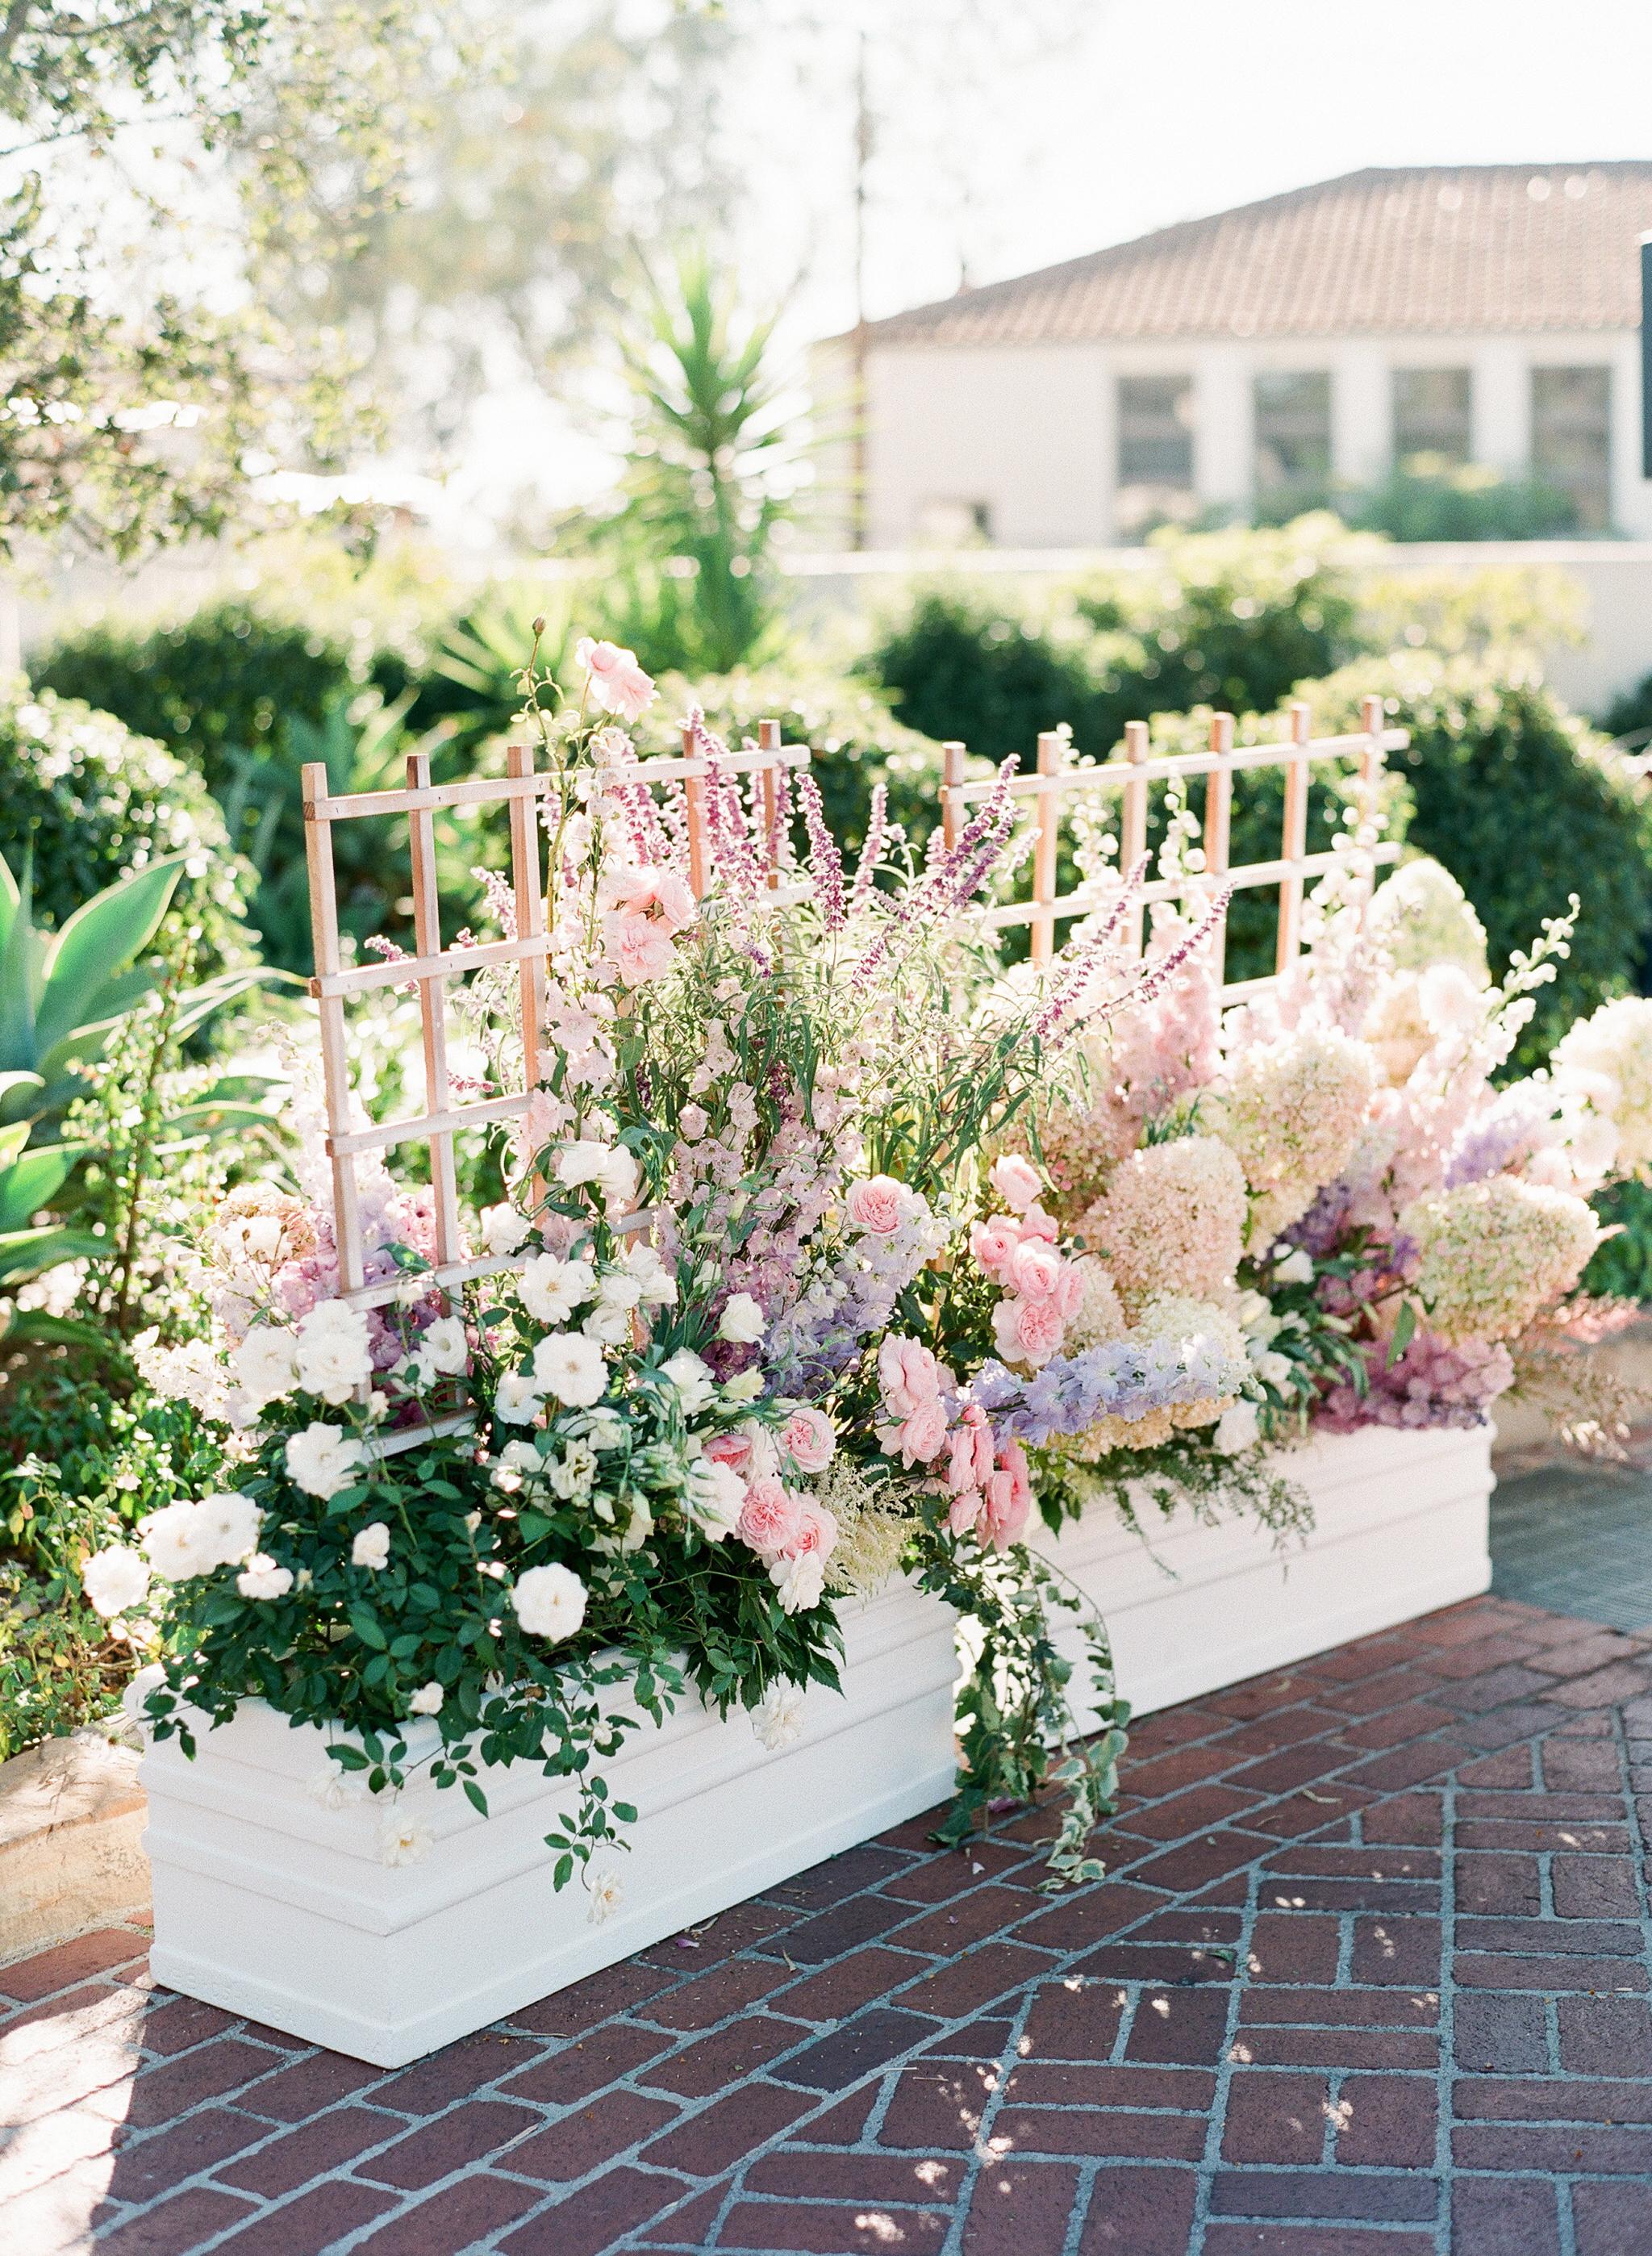 katy michael ceremony flowers